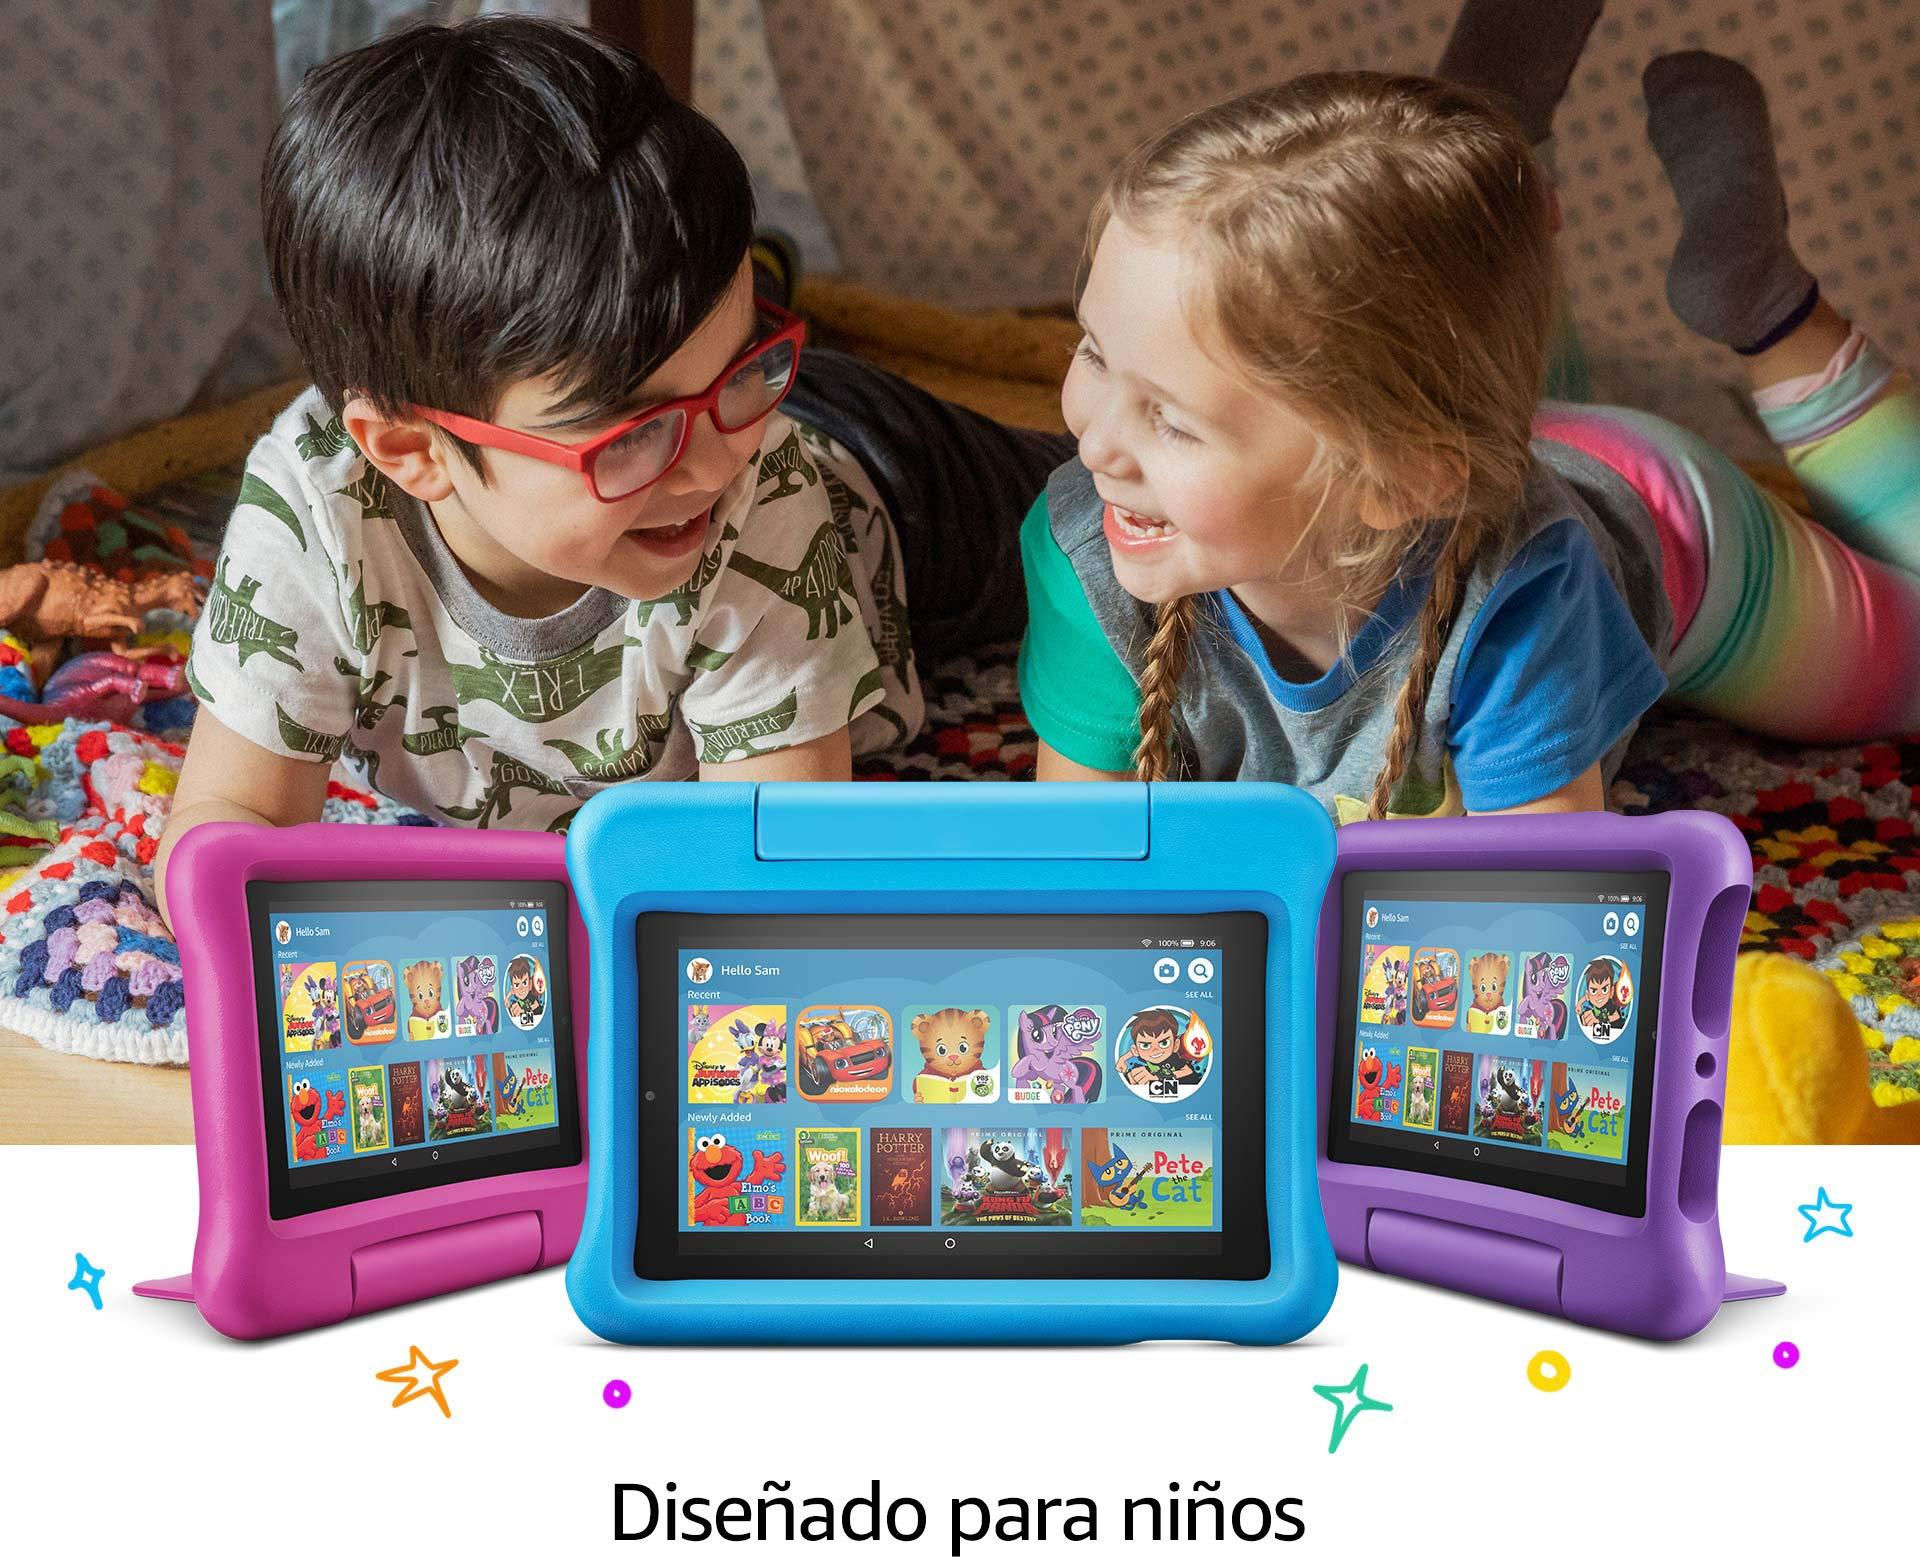 Diseñado para niños